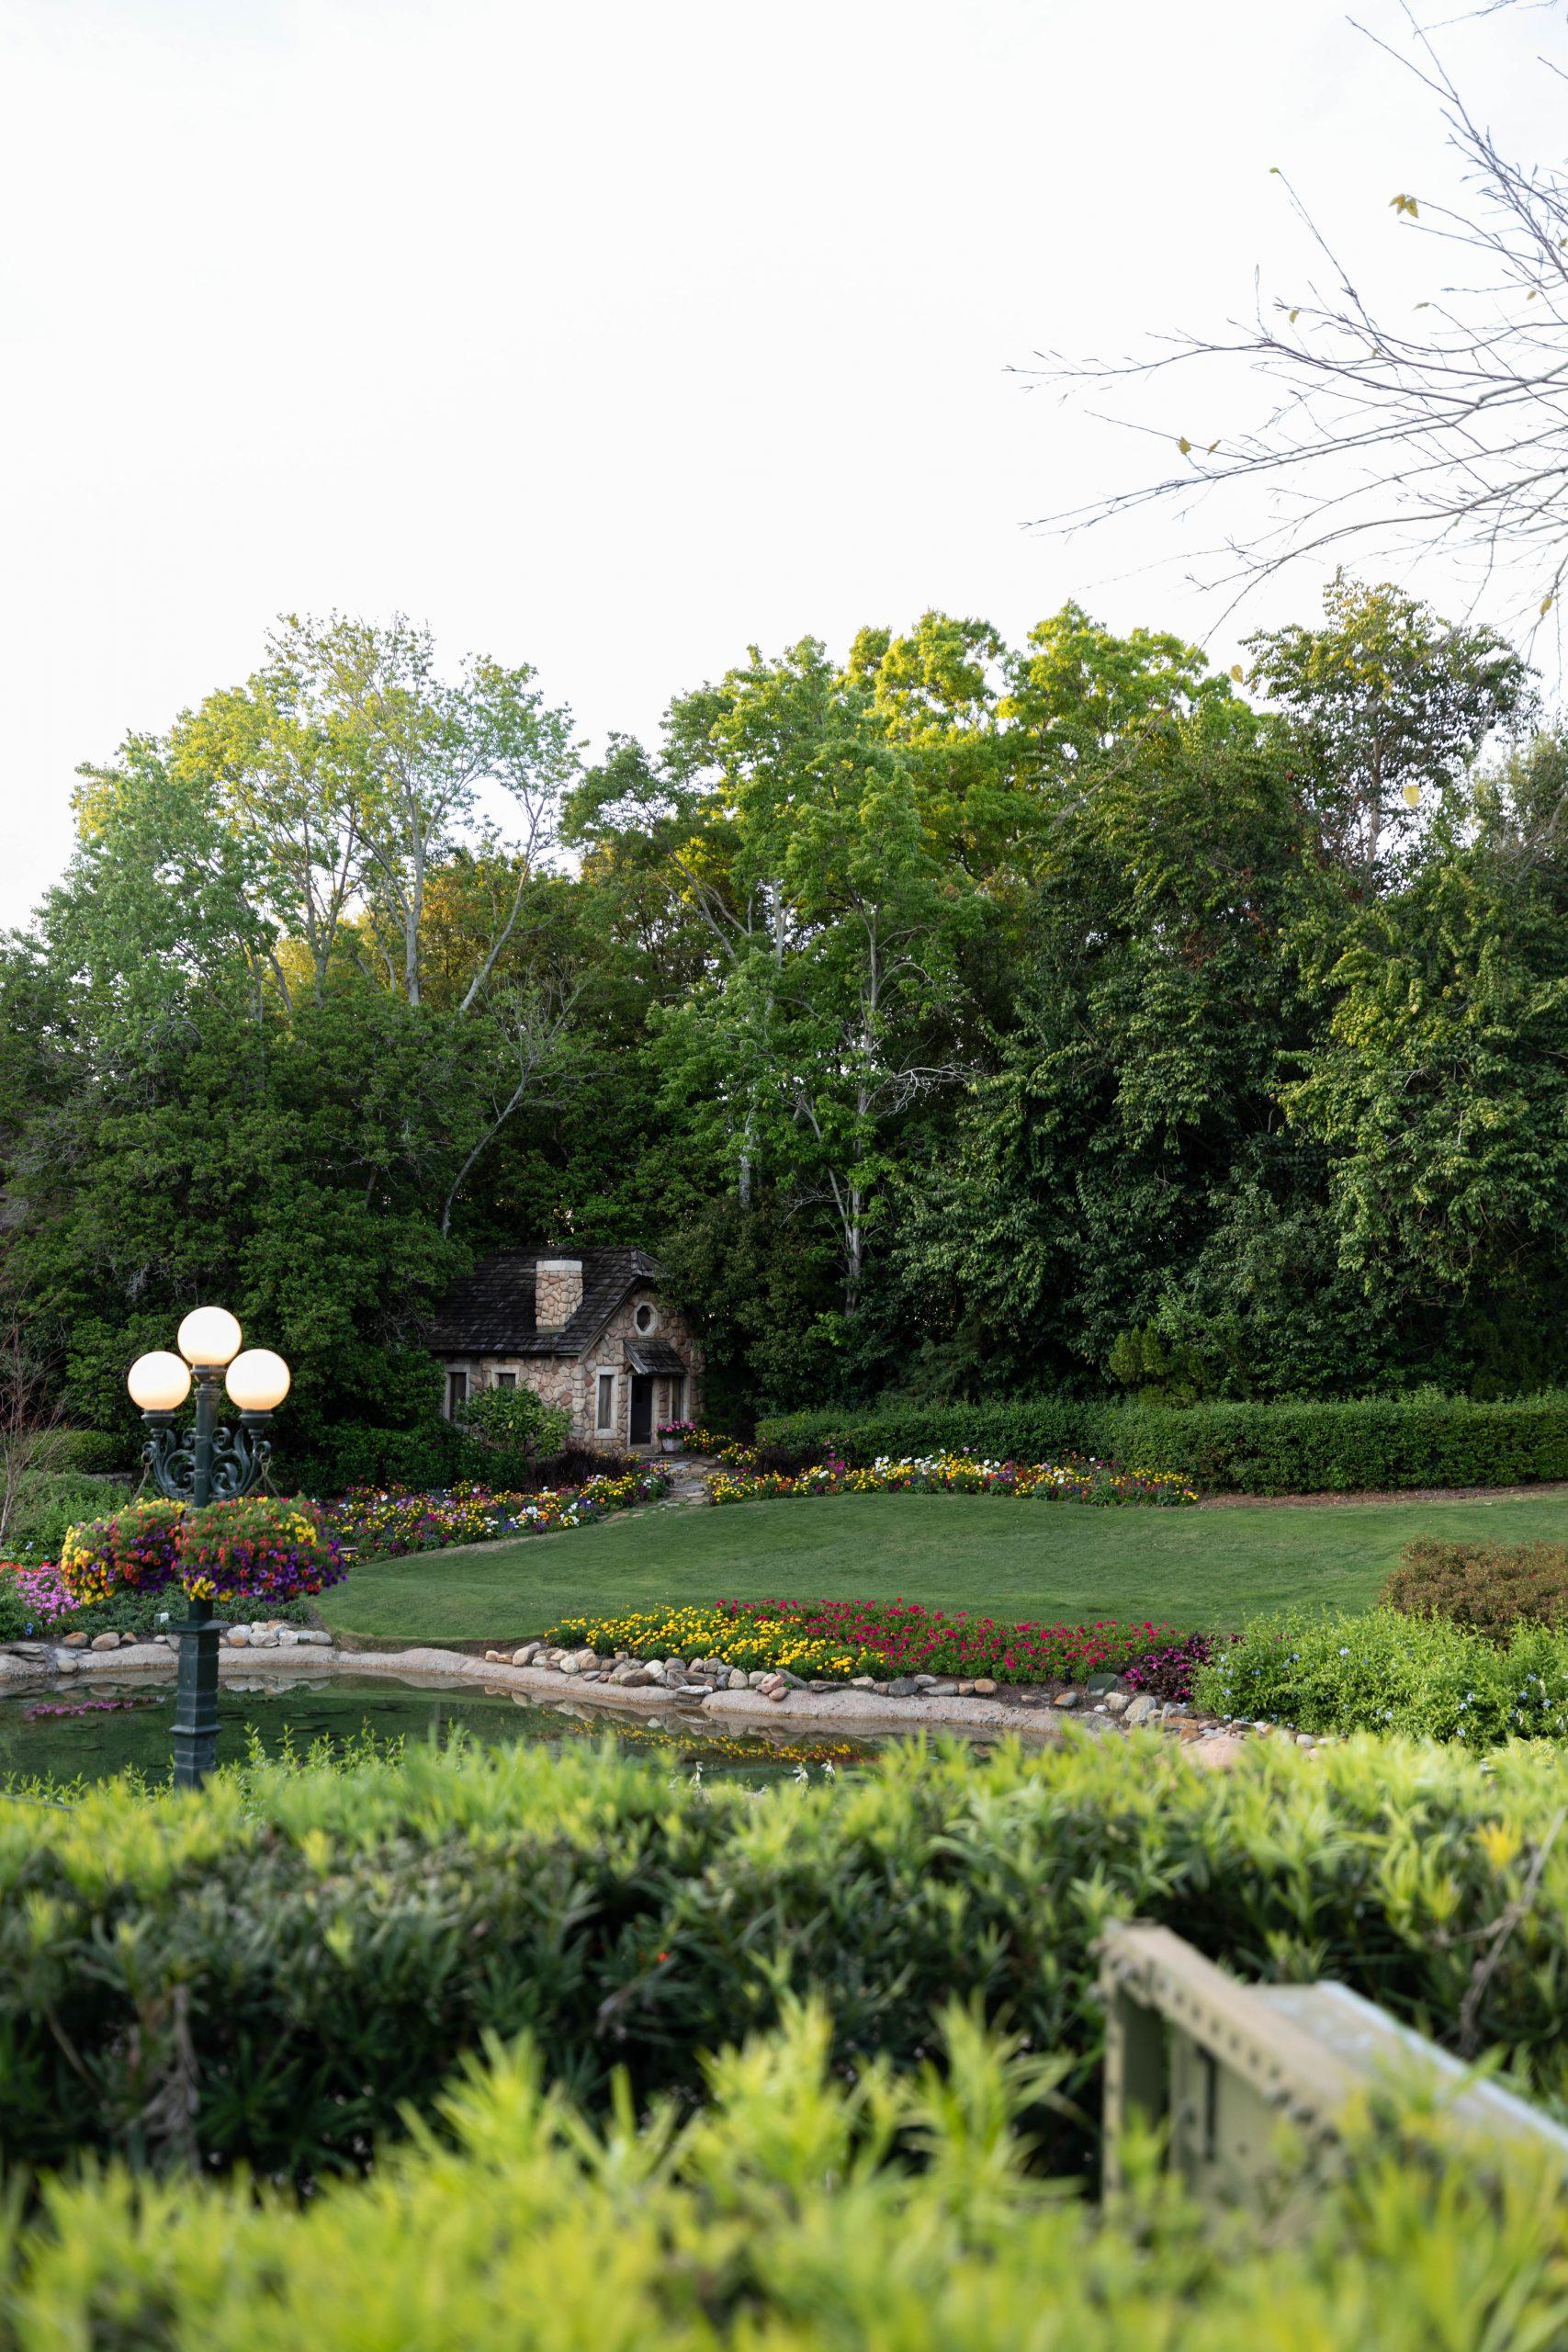 Butchart Gardens in Canada at Epcot Walt Disney World by Luxury Travel Writer Annie Fairfax